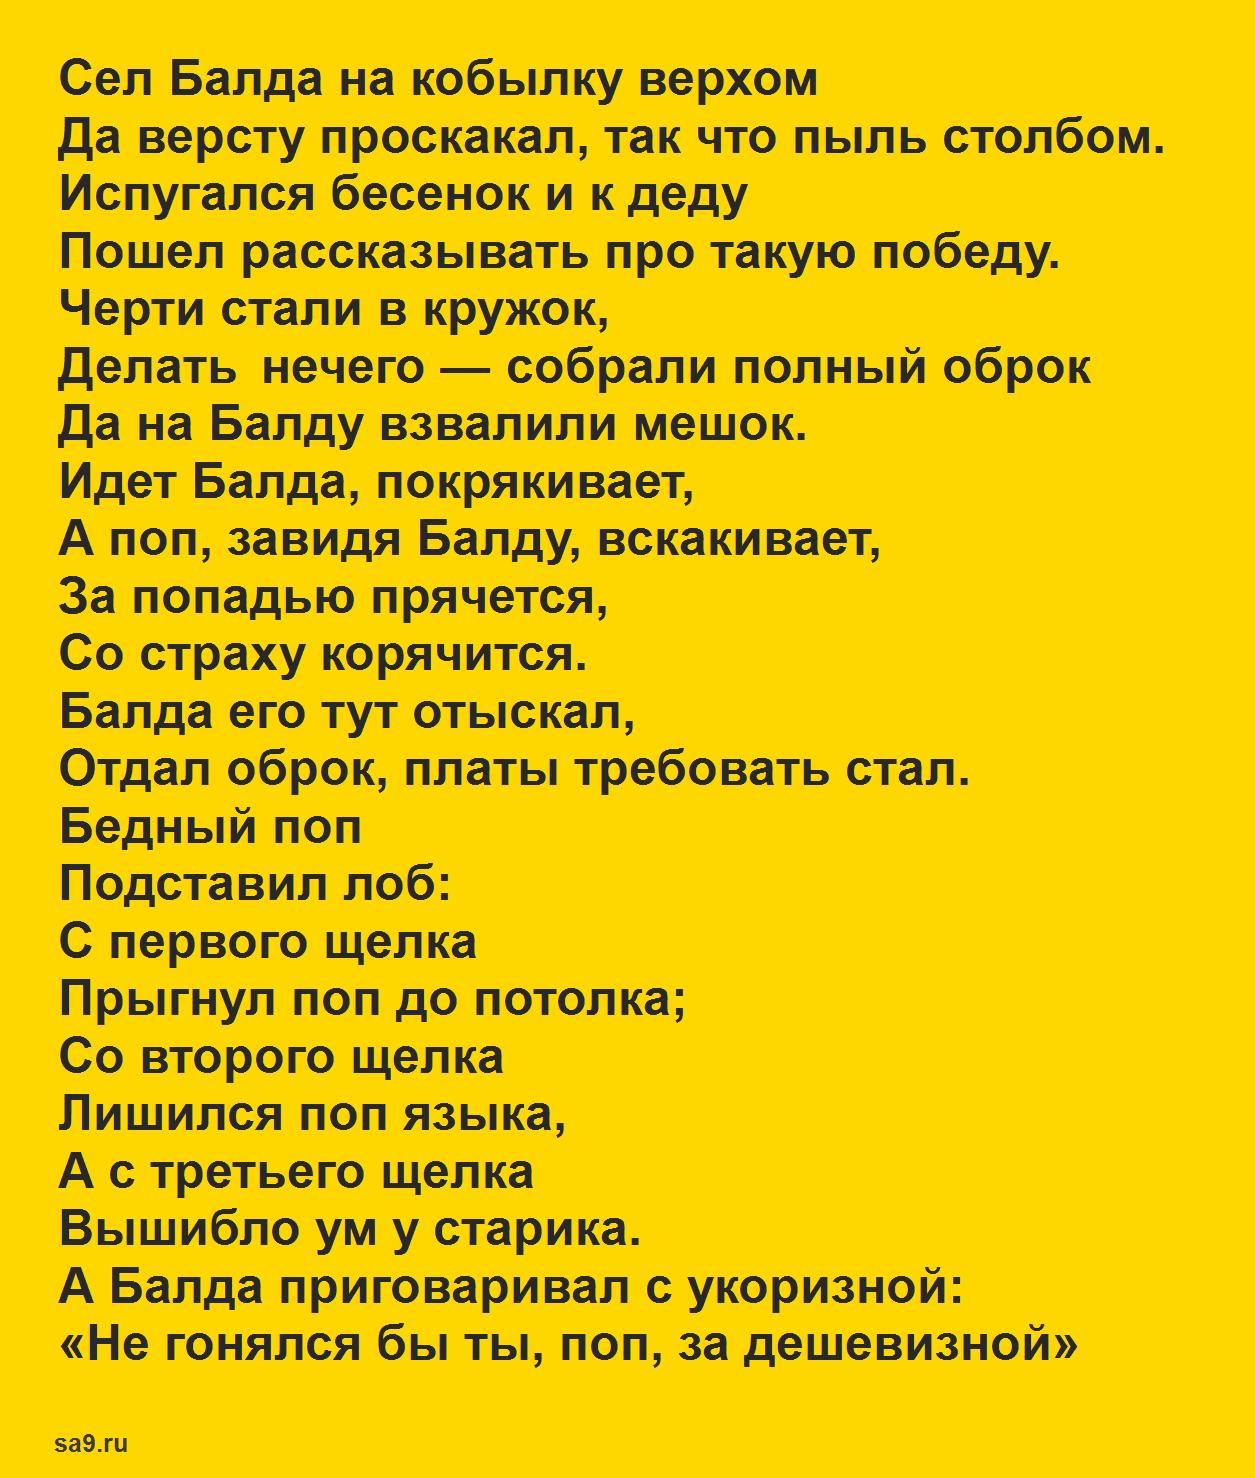 Сказка 'О попе и работнике Балде', Александр Пушкин